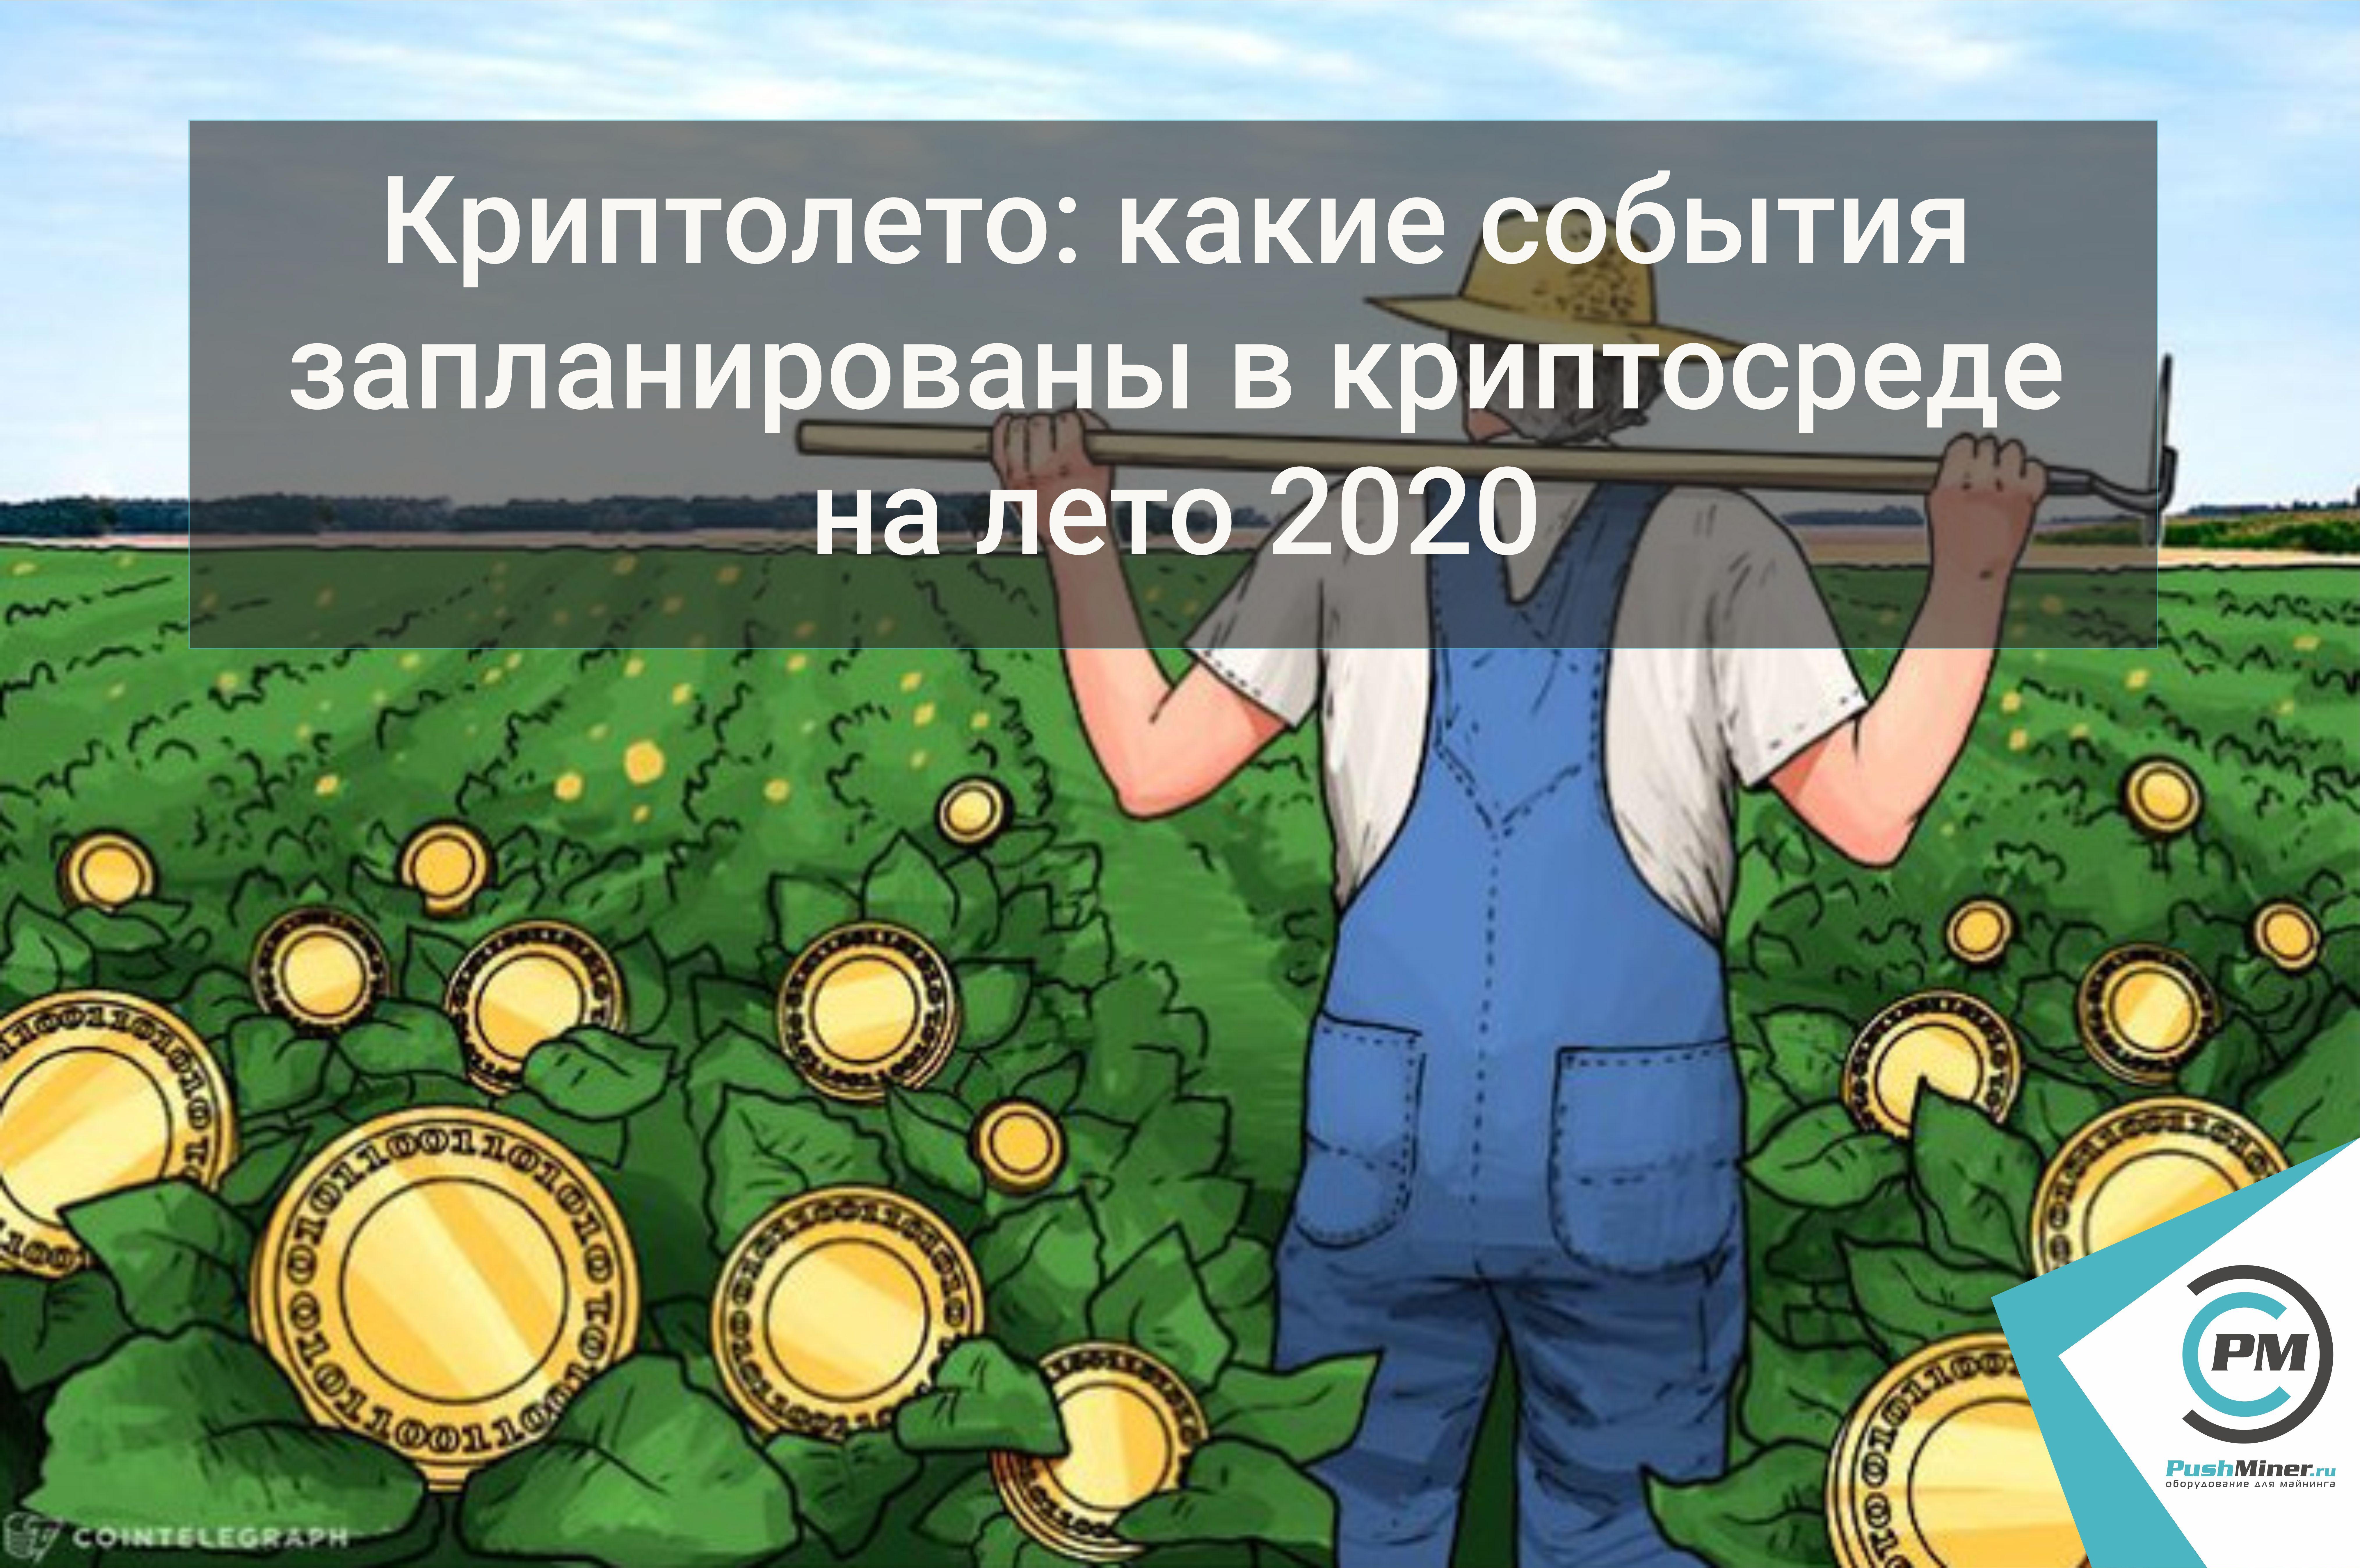 Криптолето: какие события запланированы в криптосреде на лето 2020